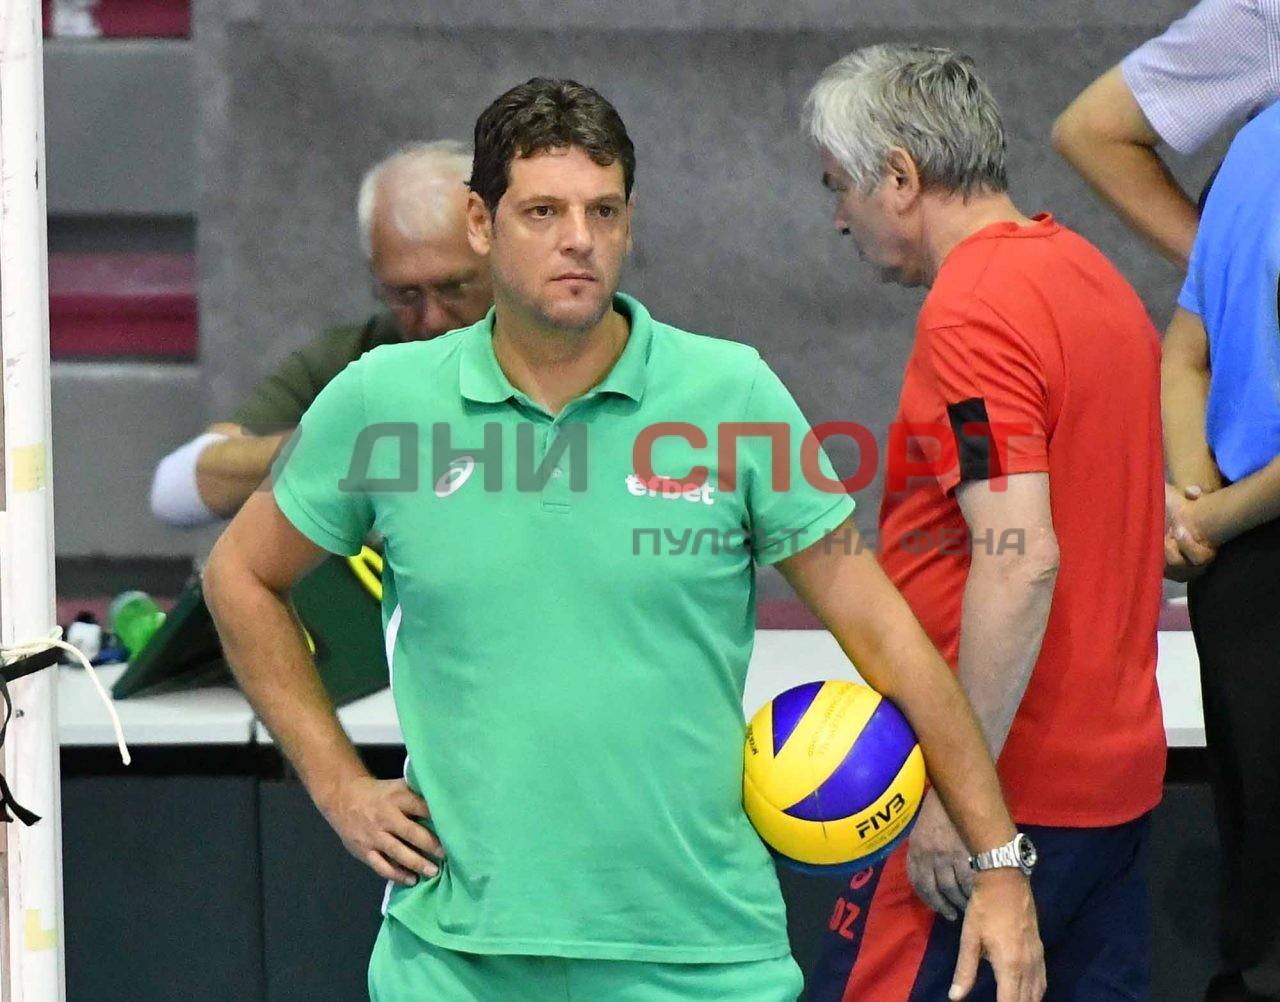 -национали-волейбол-1-1280x1002.jpg